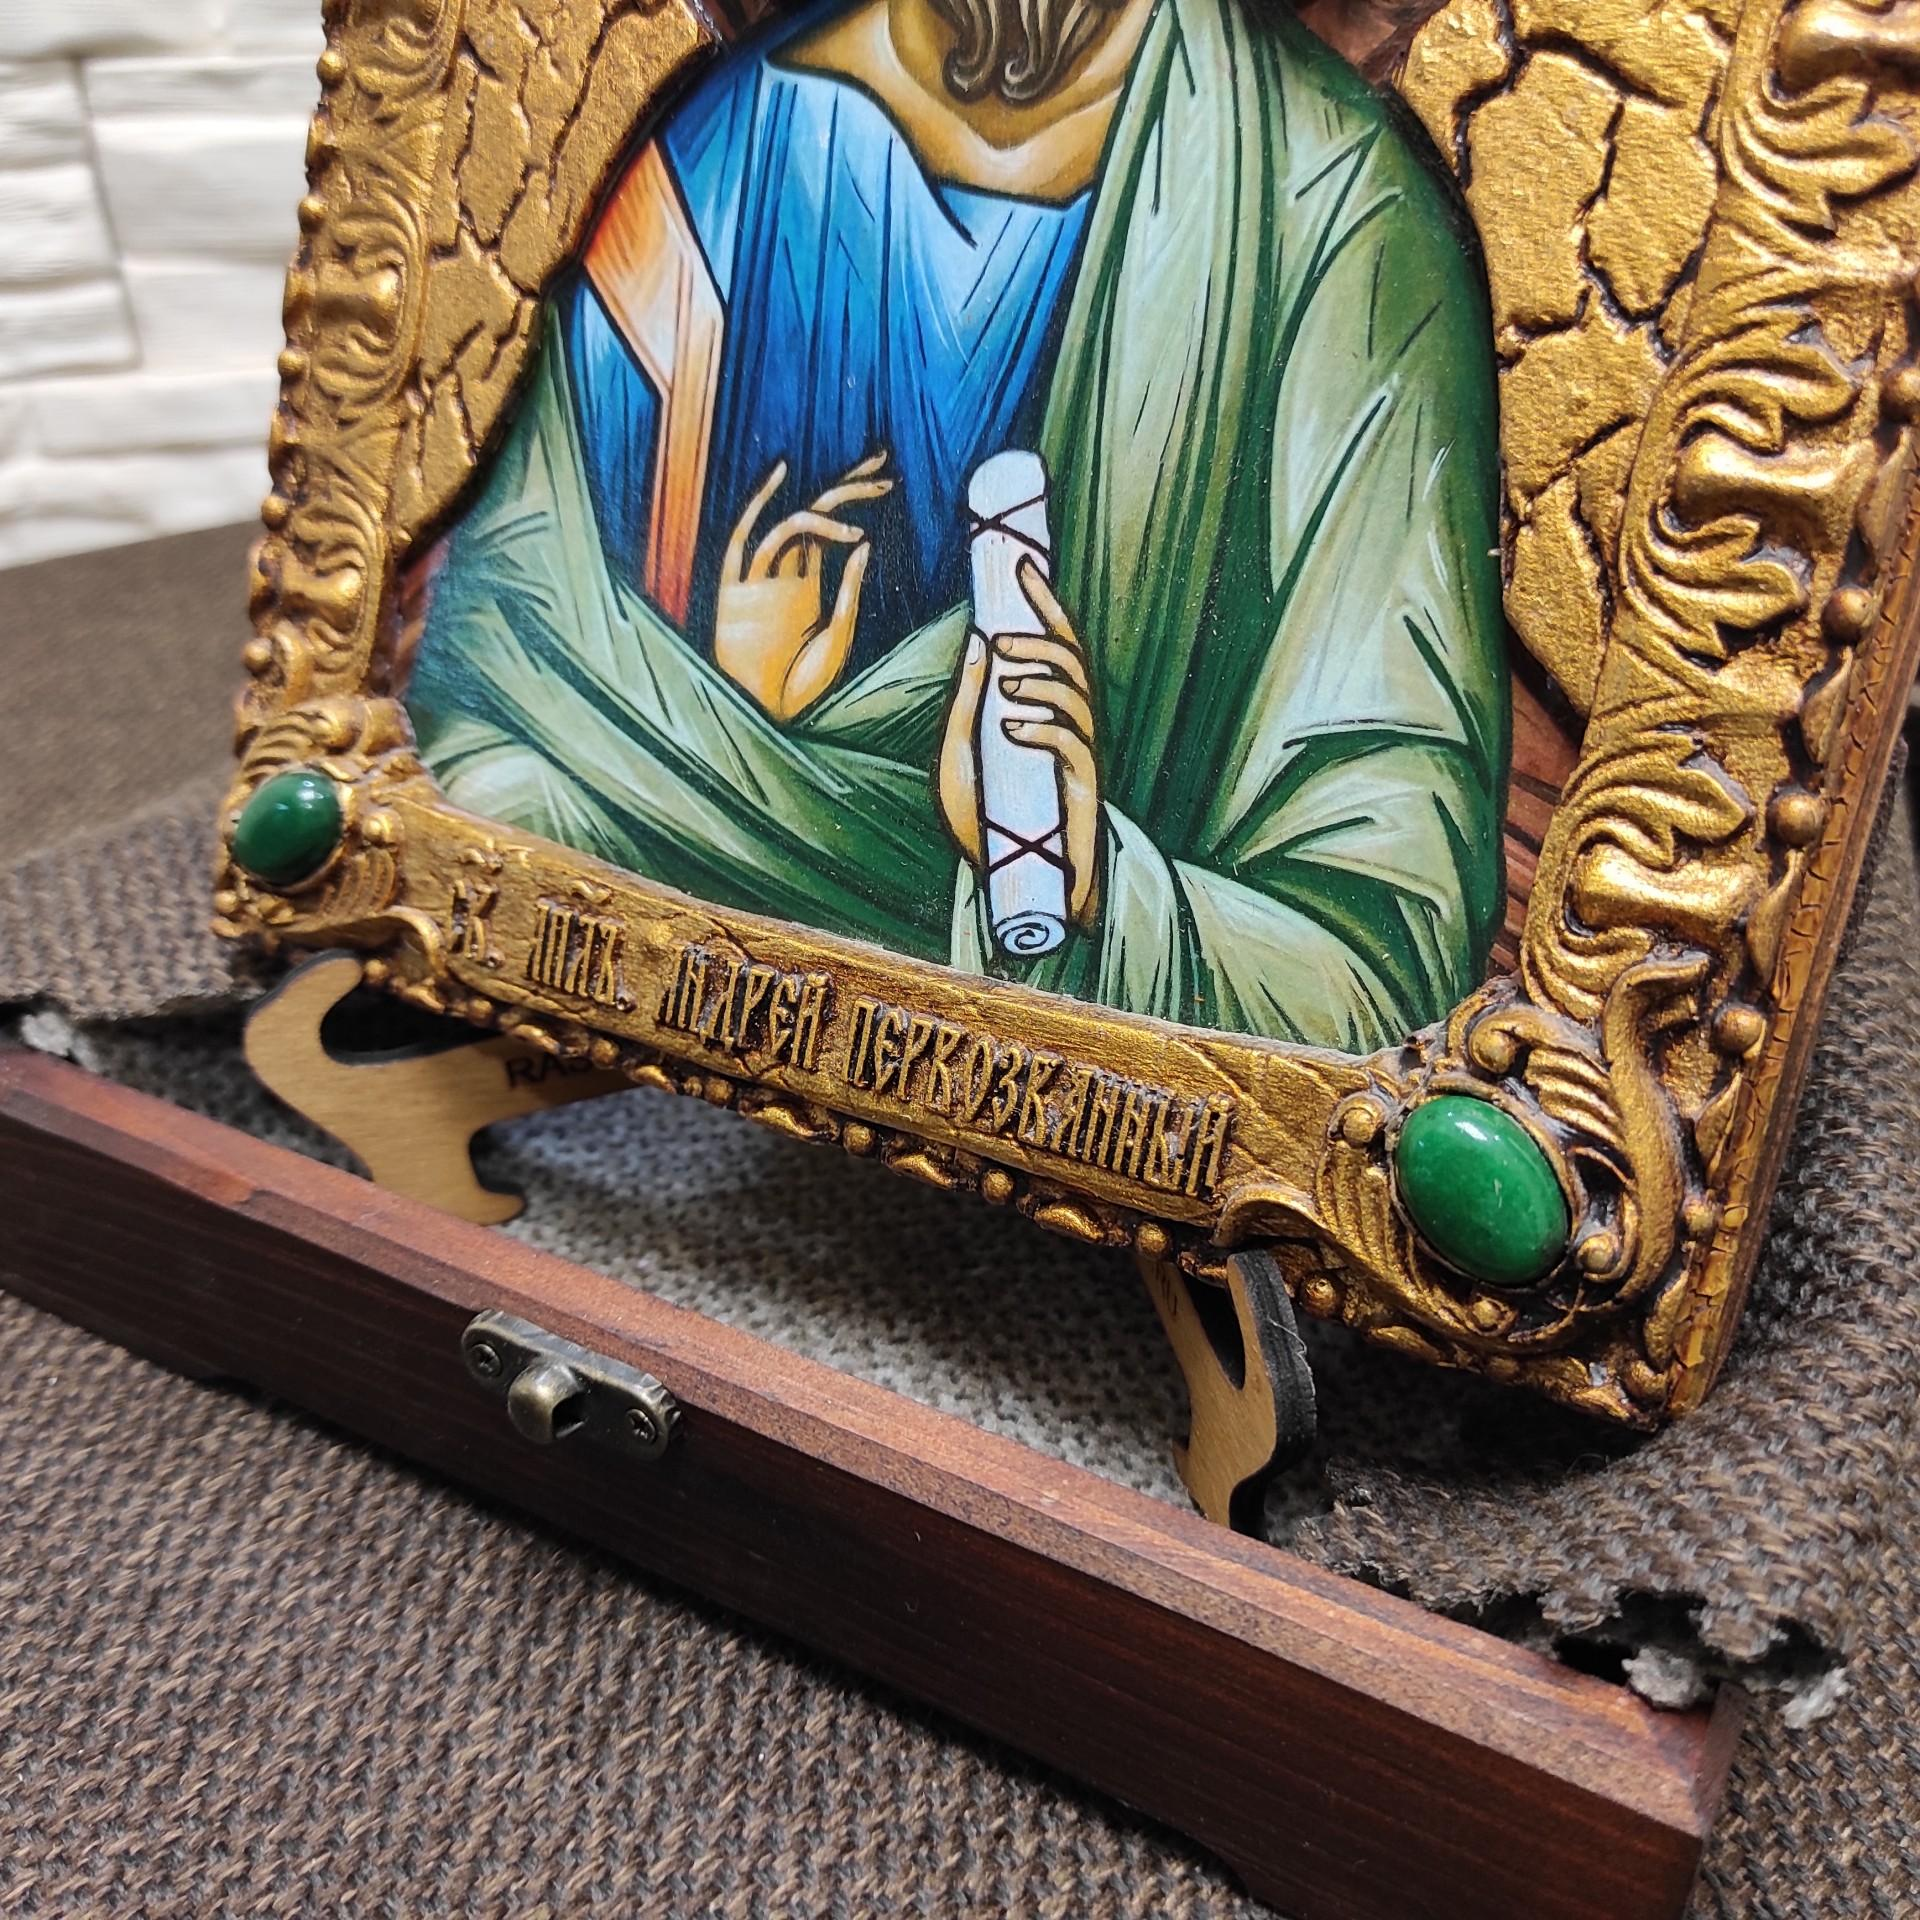 Фото нижних камней именной иконы святого апостола Андрея Первозванного с камнями на подставке в футляре